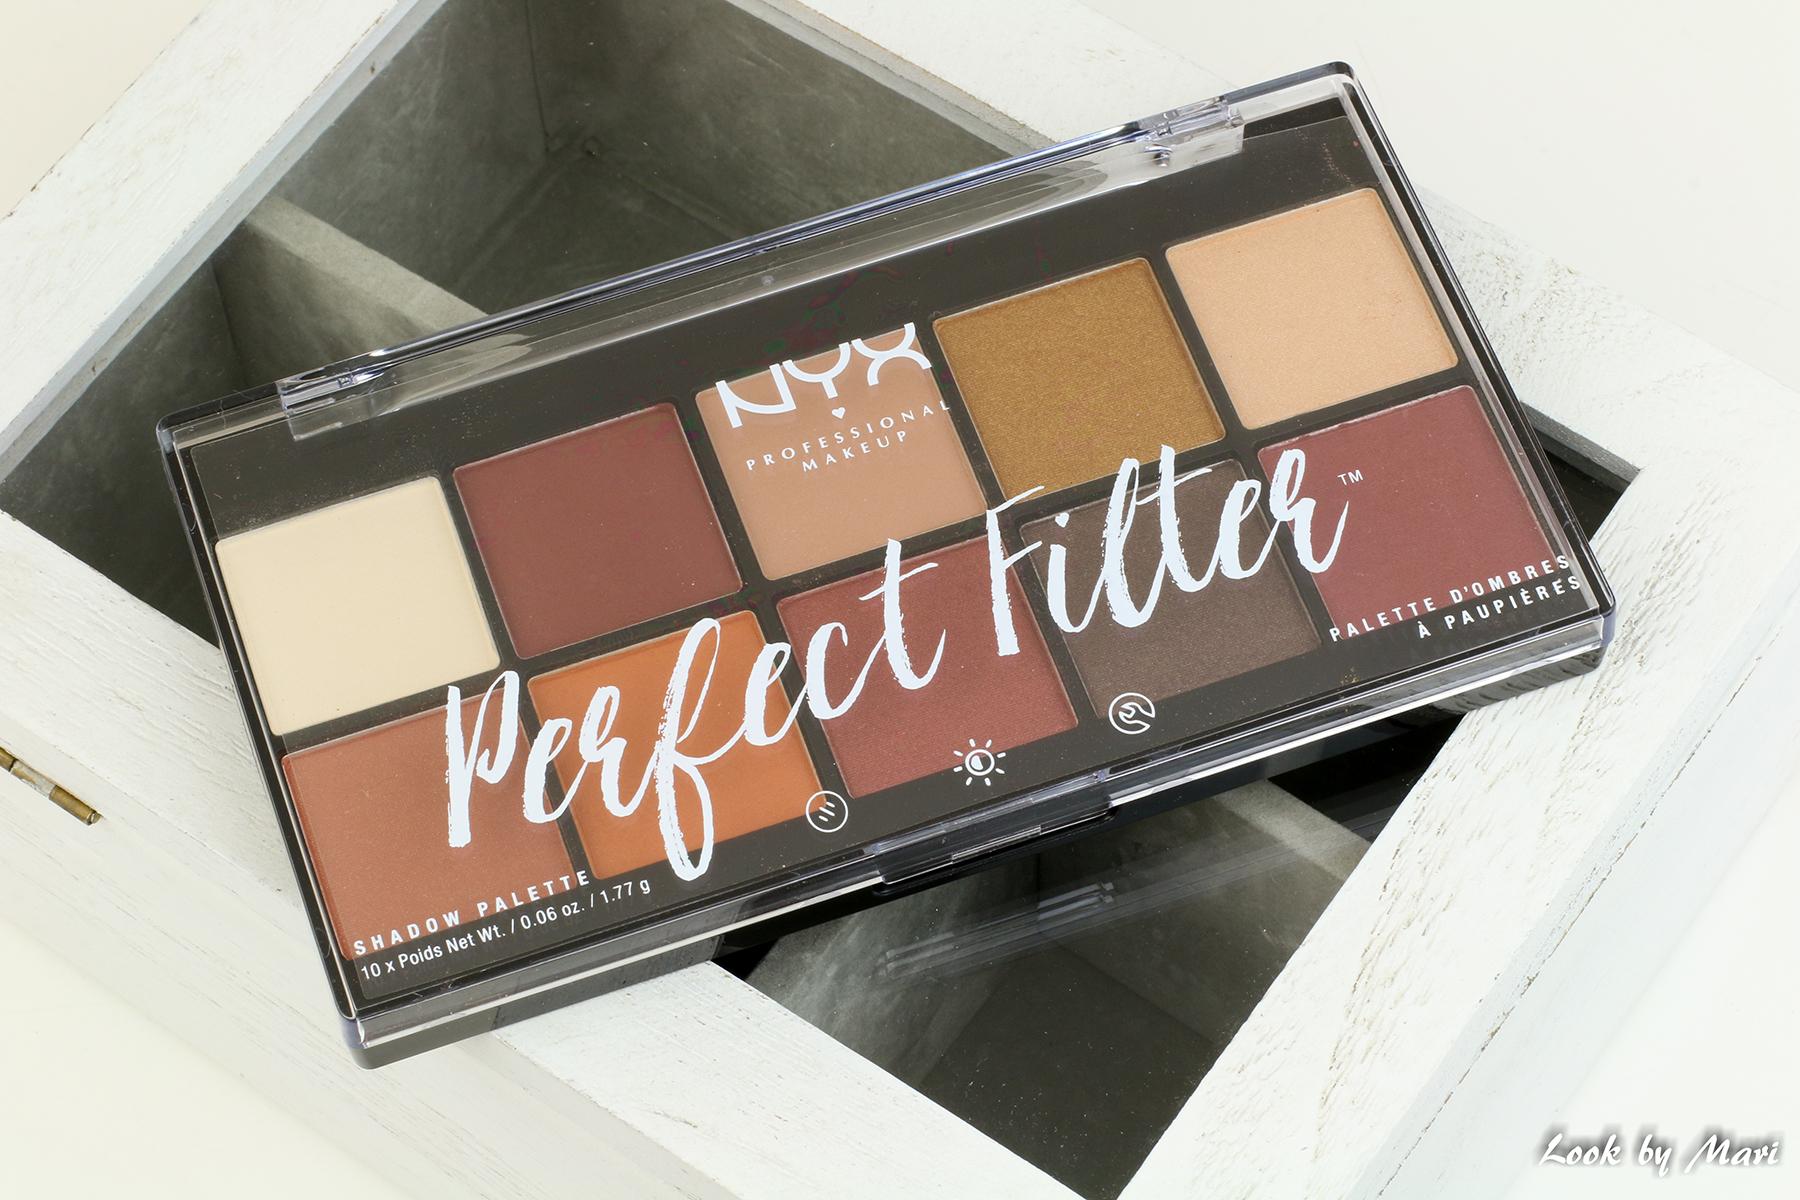 2-1 nyx perfect filter luomiväri paletti rustic antique kokemuksiä sävyt värit